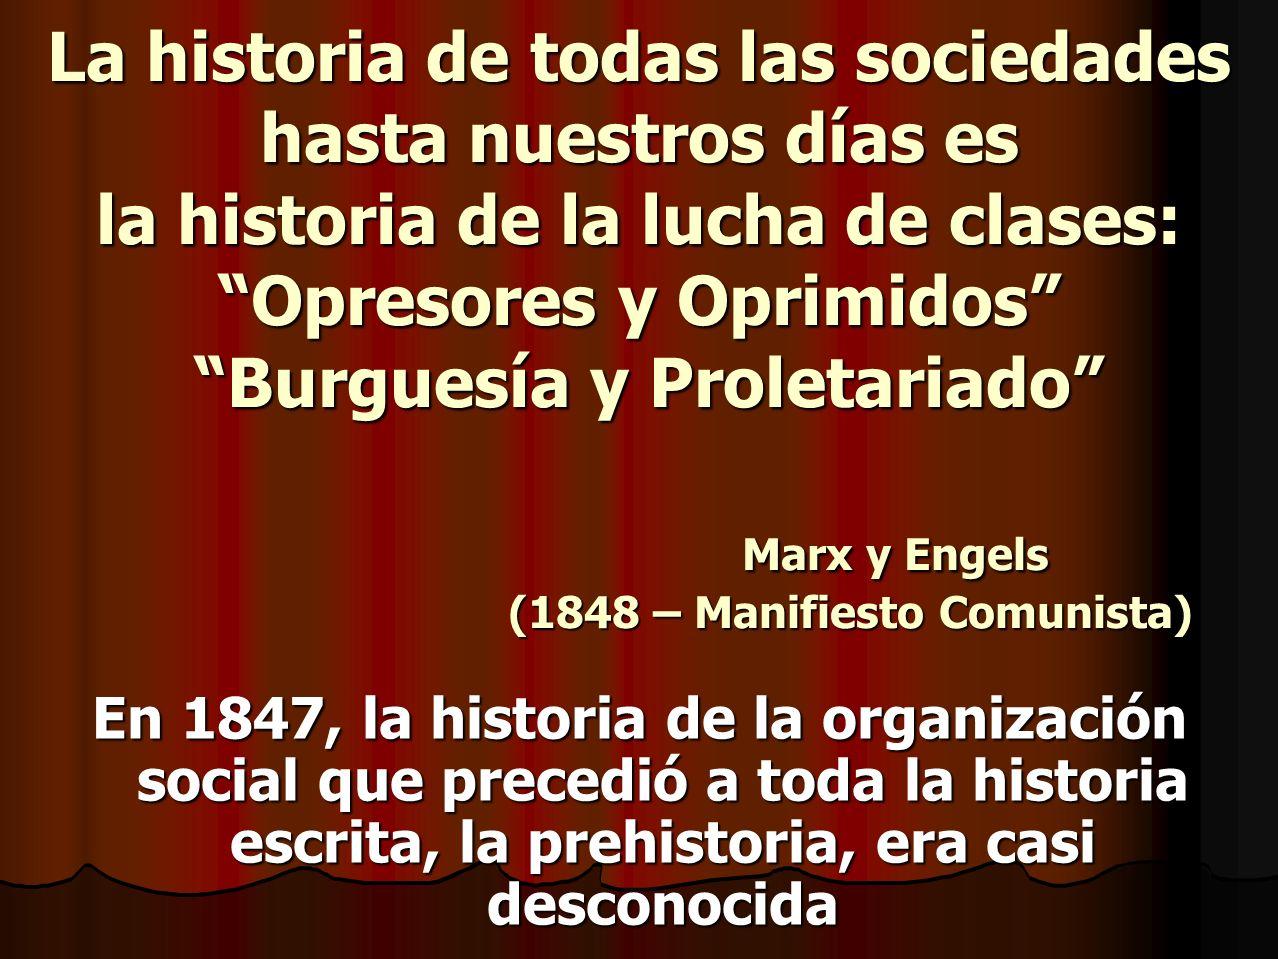 La historia de todas las sociedades hasta nuestros días es la historia de la lucha de clases: Opresores y Oprimidos Burguesía y Proletariado Marx y Engels (1848 – Manifiesto Comunista)